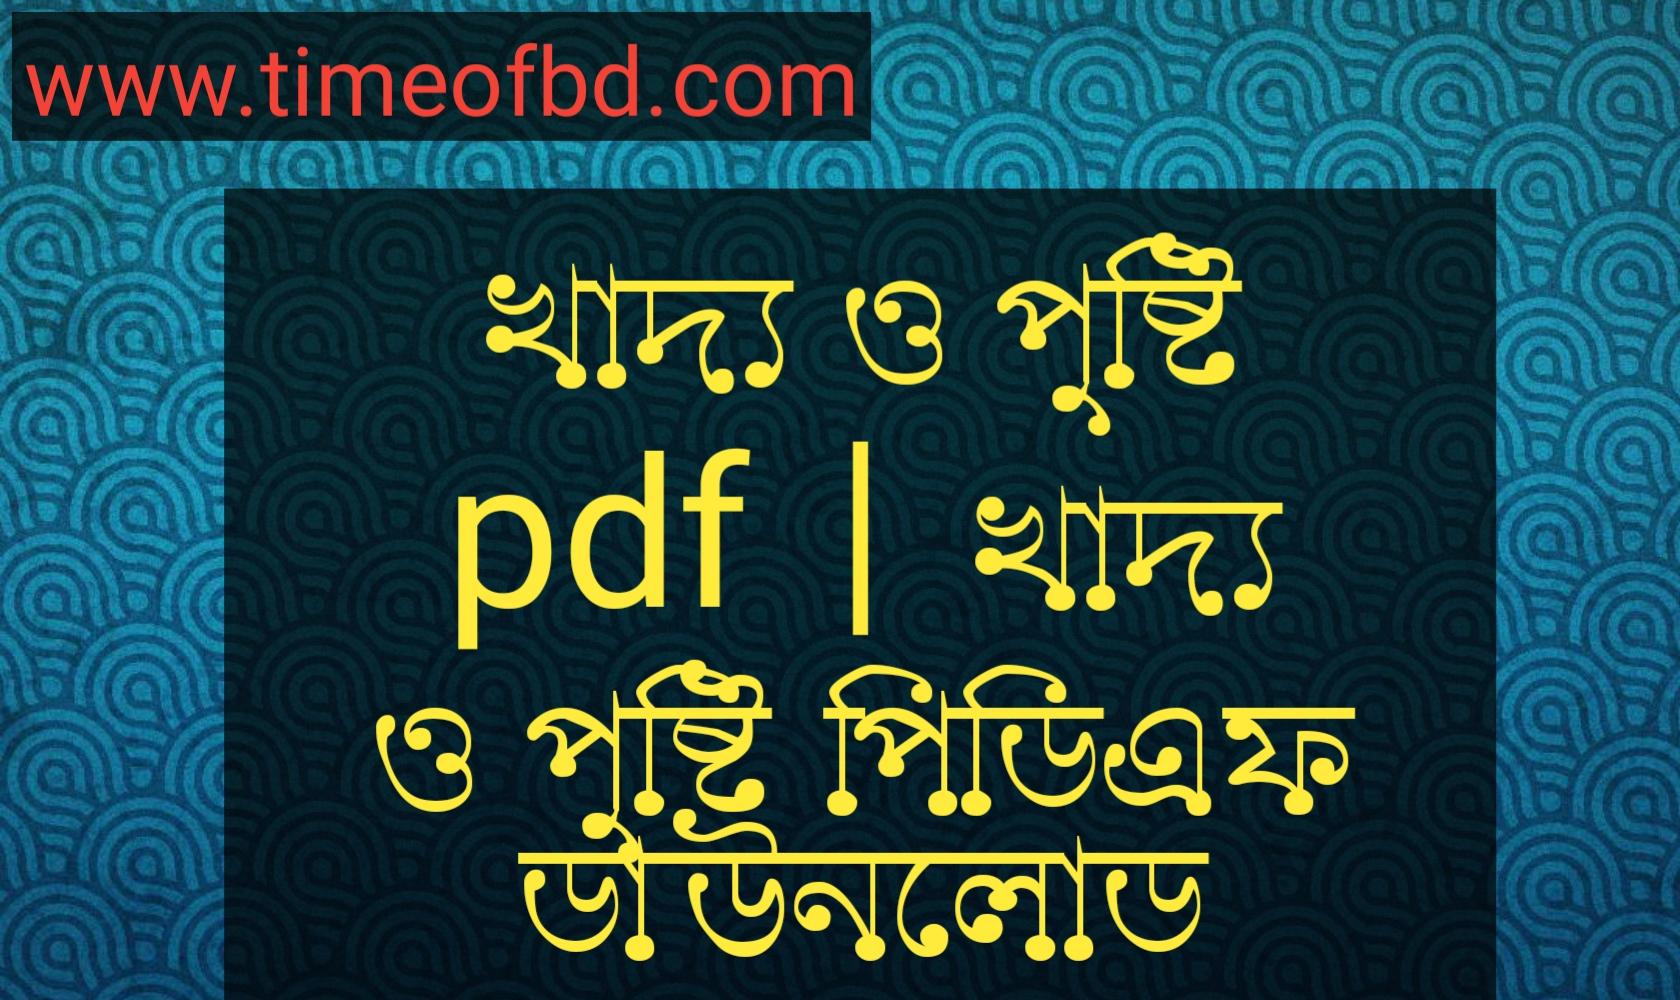 খাদ্য ও পুষ্টি pdf, খাদ্য ও পুষ্টি পিডিএফ ডাউনলোড, খাদ্য ও পুষ্টি পিডিএফ, খাদ্য ও পুষ্টি pdf download,